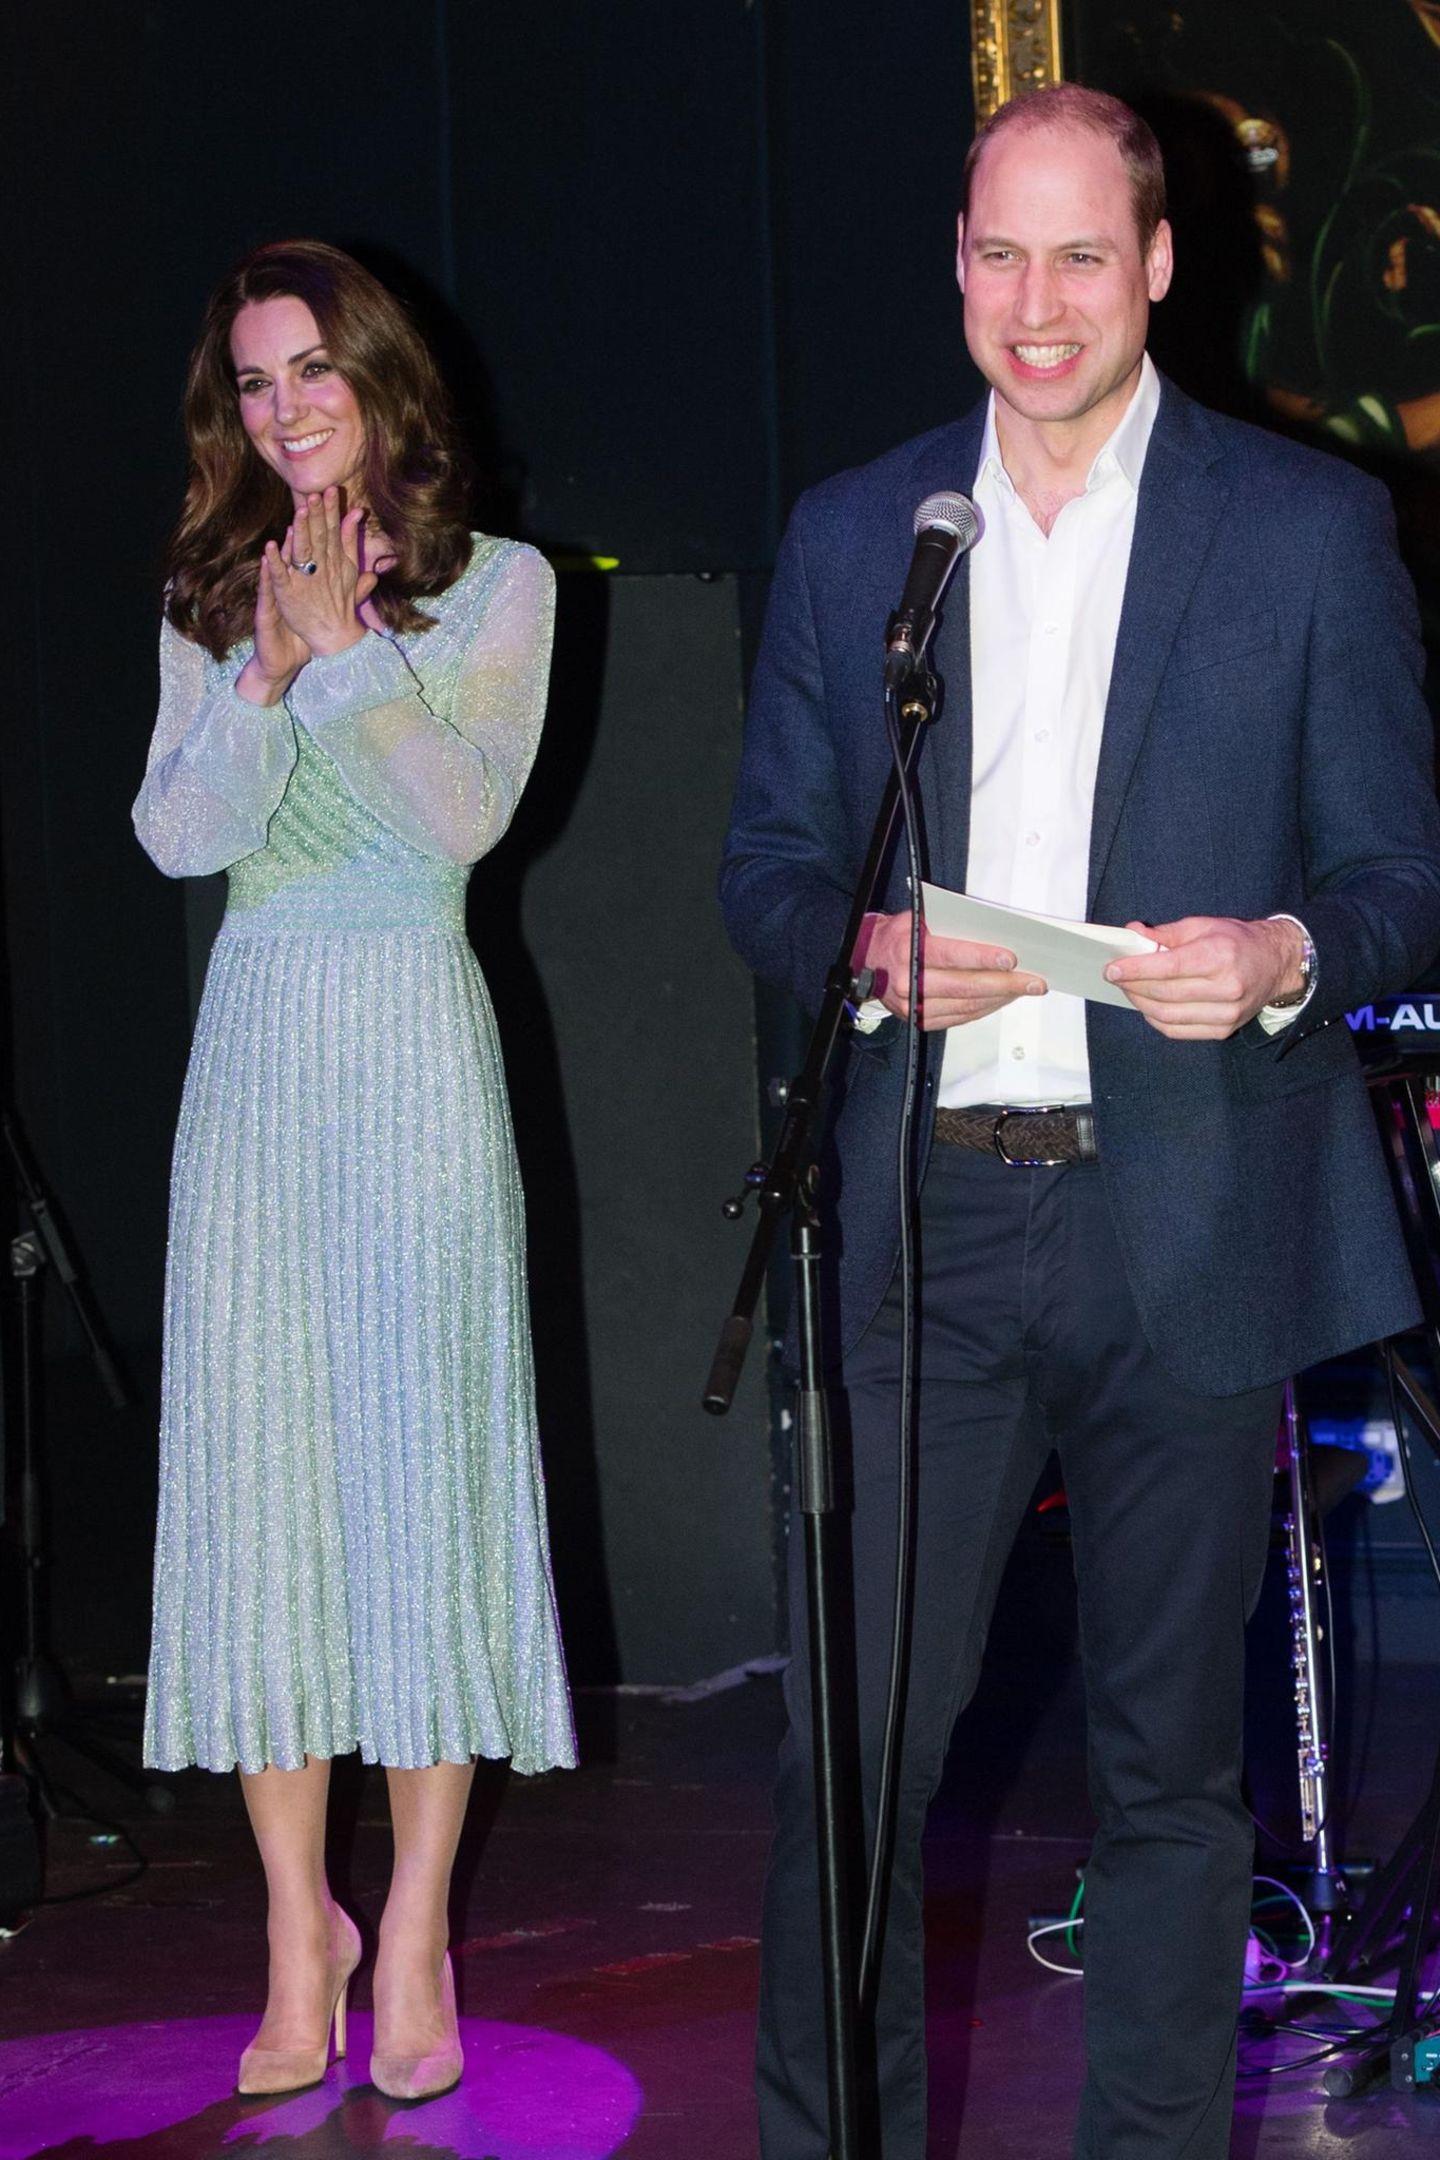 Am Abend besuchen Herzogin Catherine und Prinz William dann dieEmpire Music Hall in Belfast.